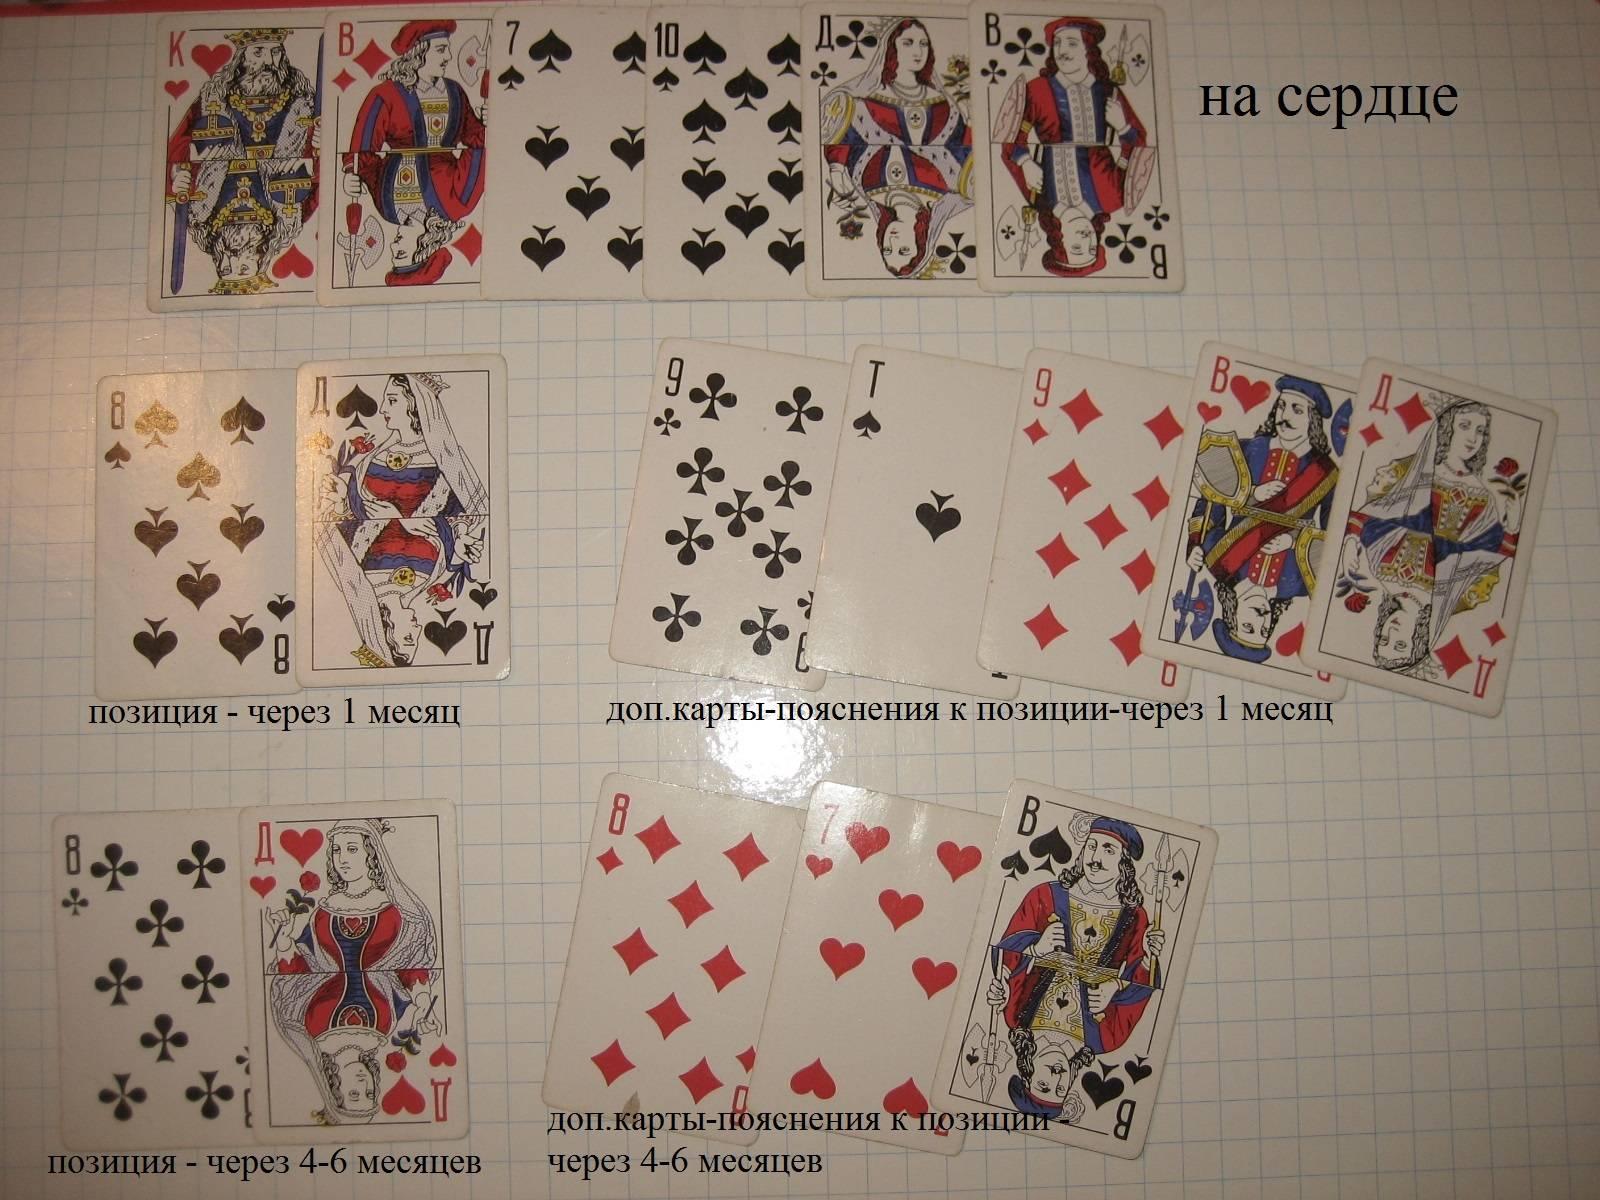 гадание на чувство любимого на 36 картах